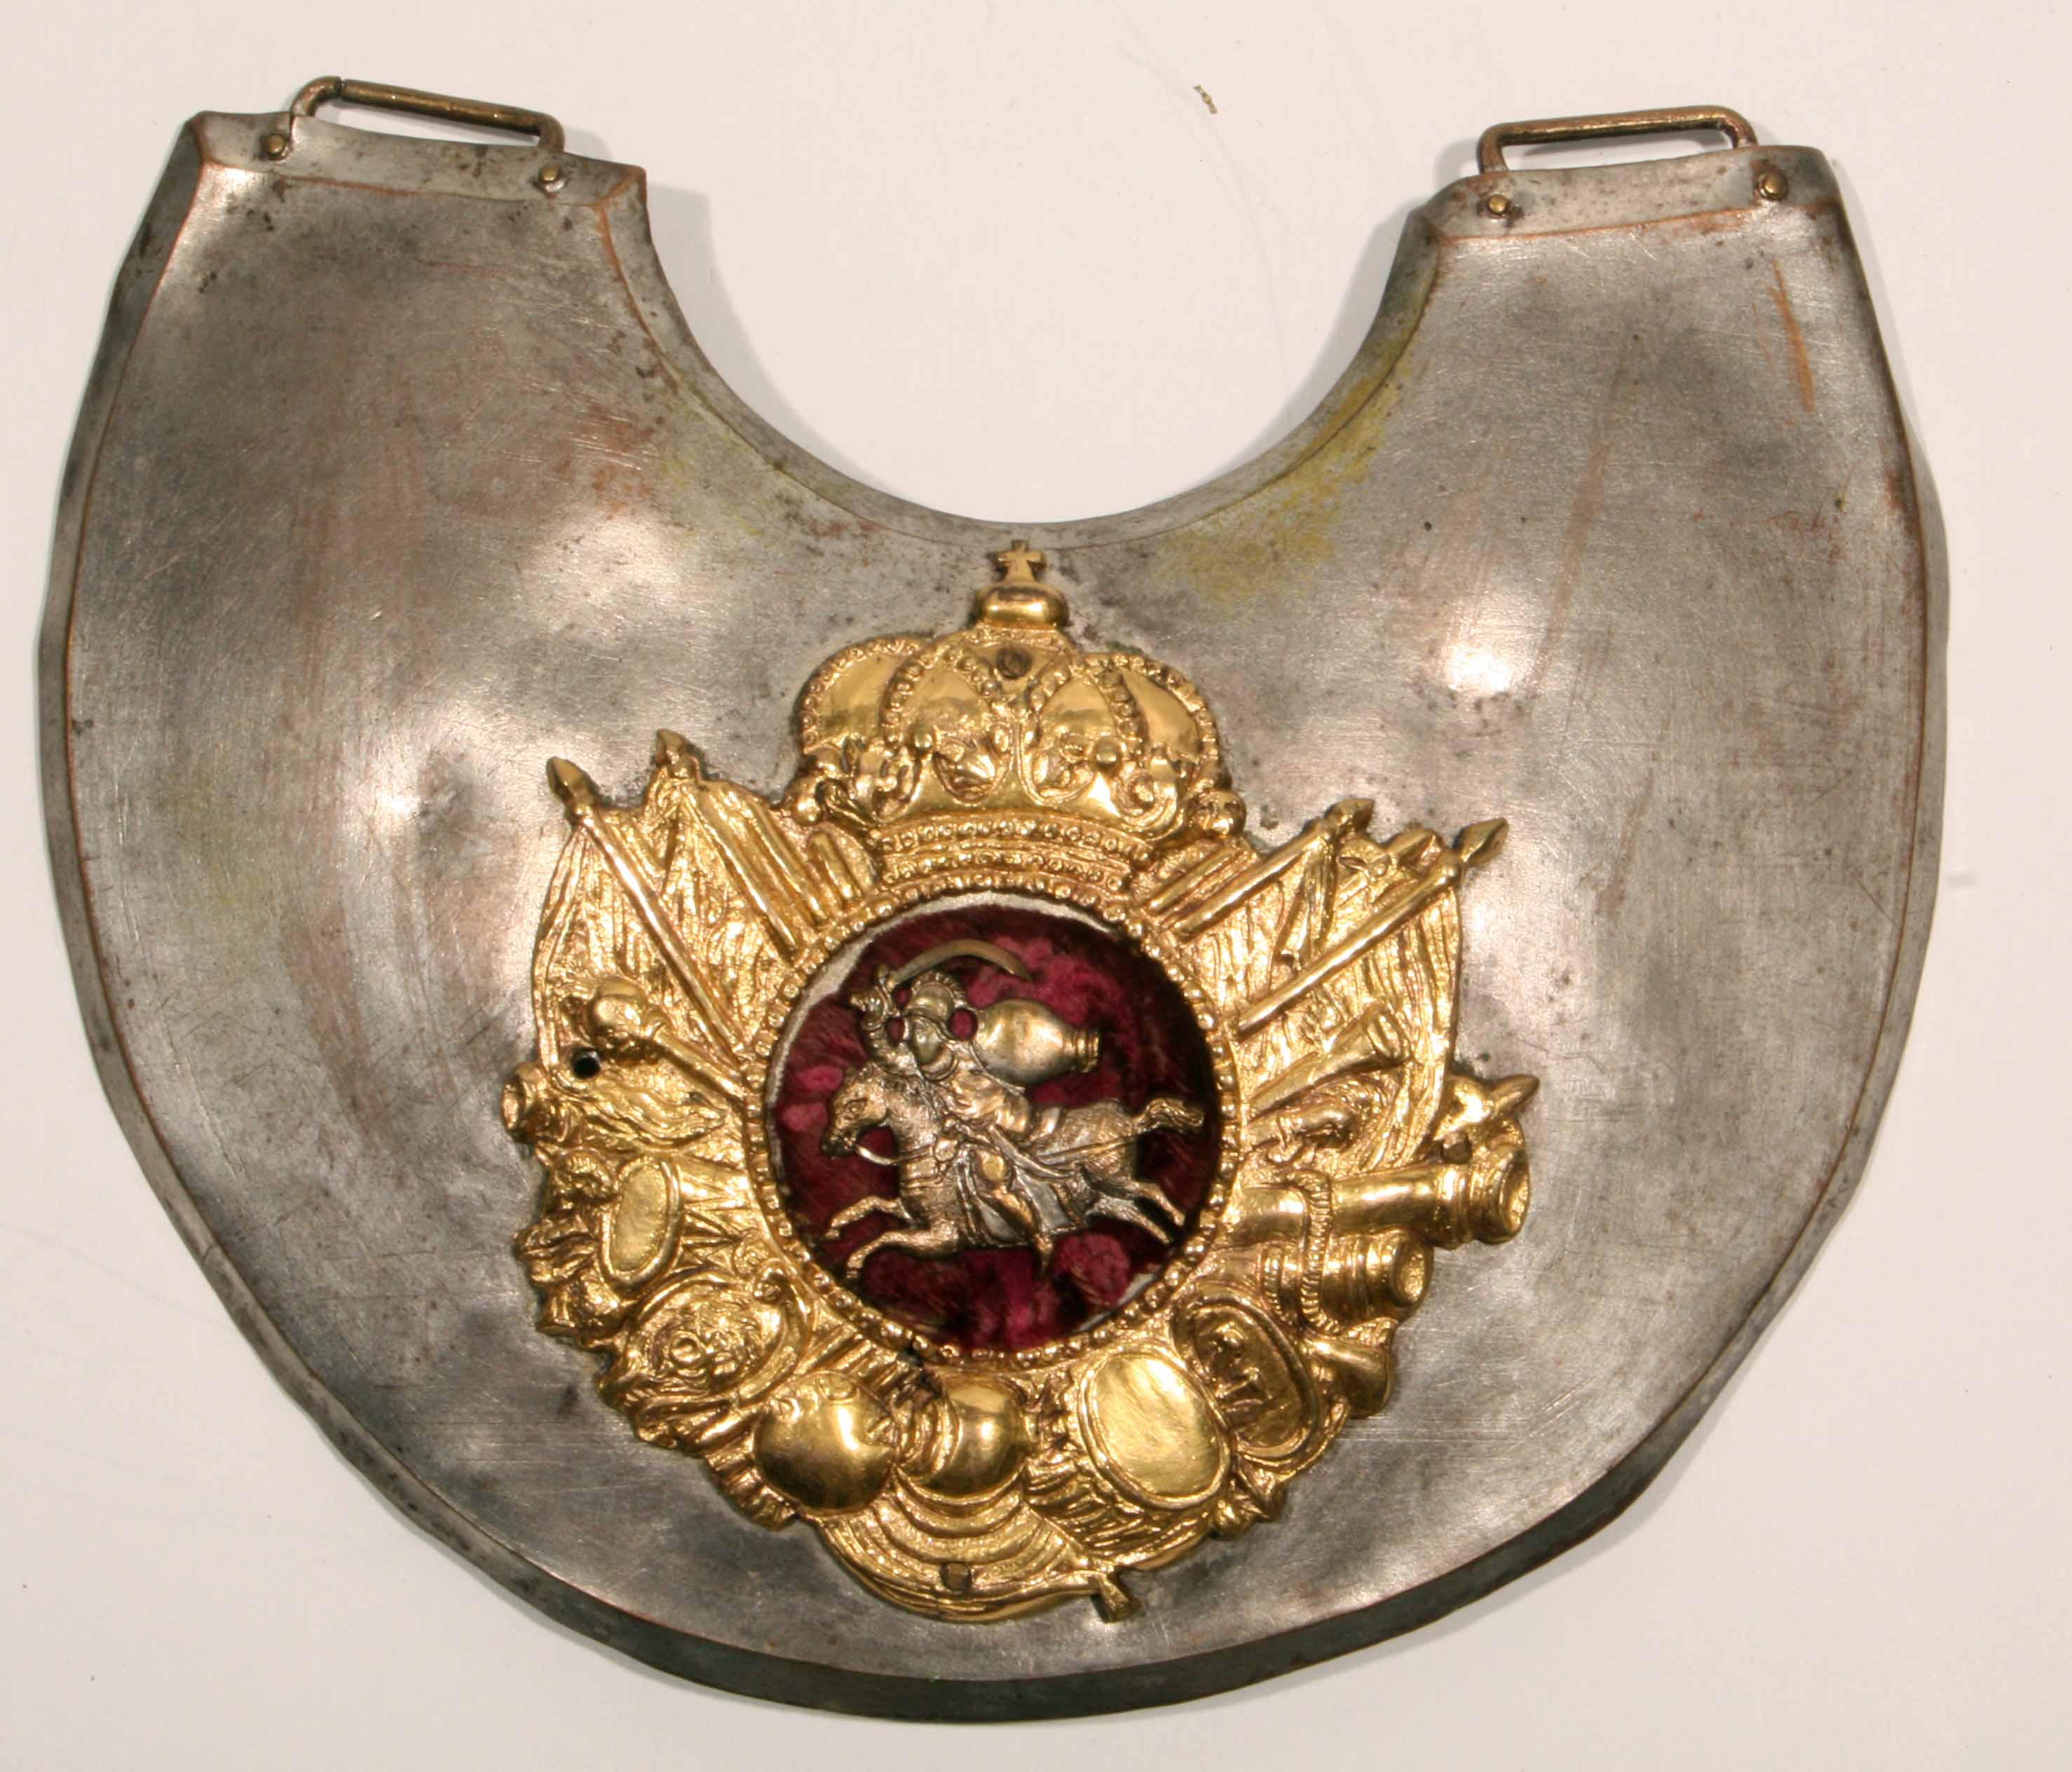 Ryngraf oficera piechoty Wielkiego Księstwa Litewskiego z pierwszej połowy XVIII wieku